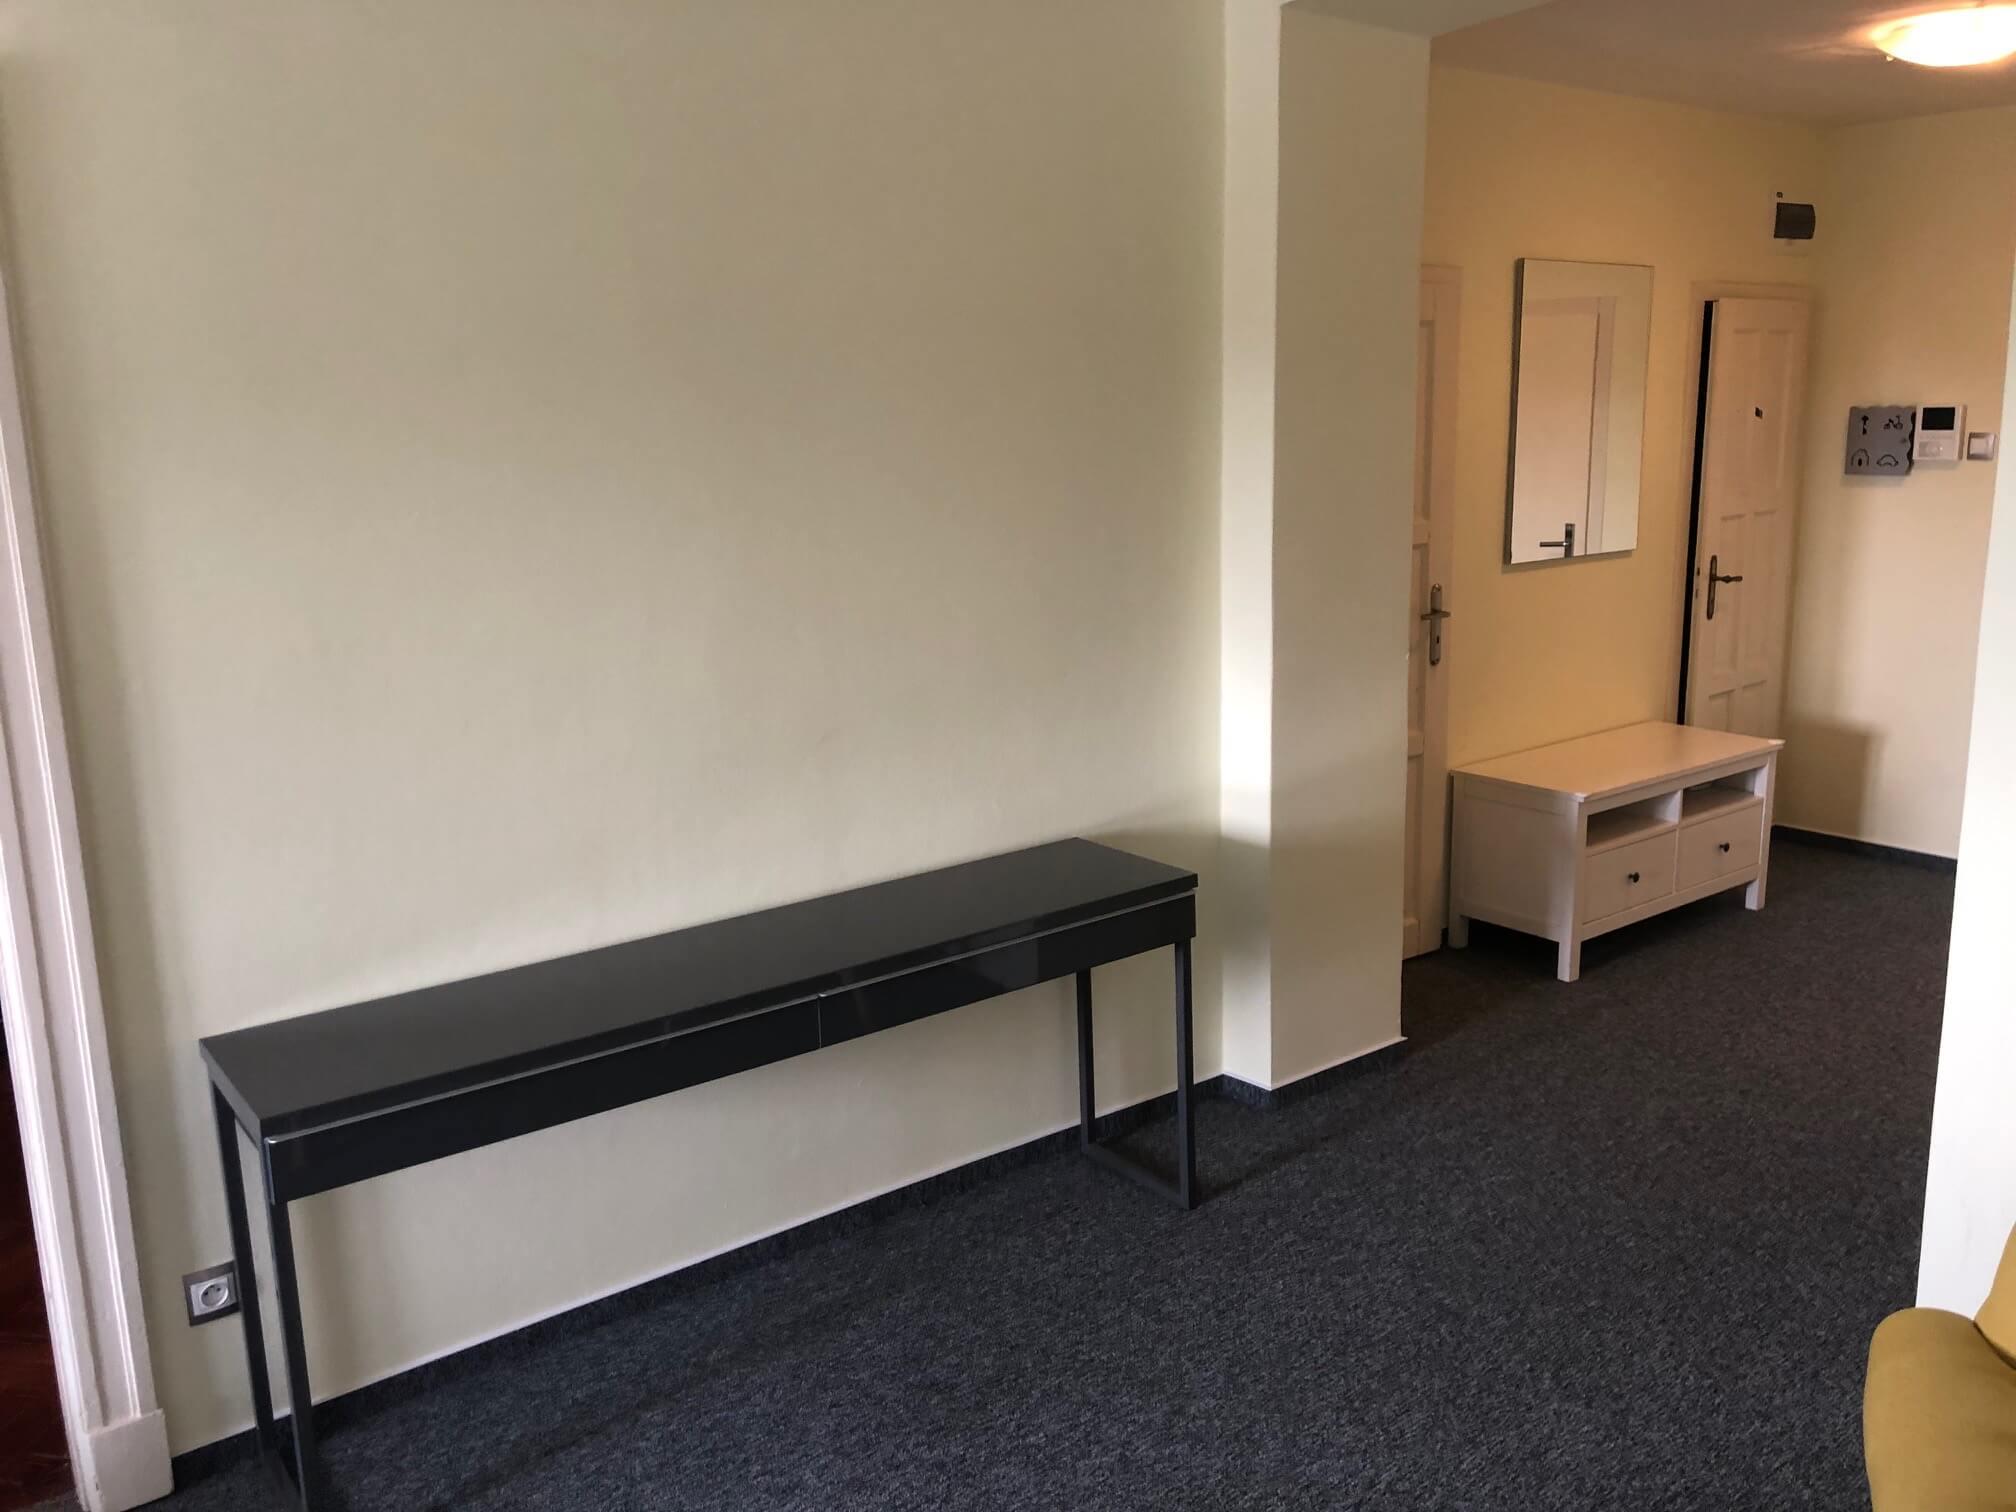 Na prenájom exkluzívne 2 izbový byt, 73,34m2, v Centre BA, Gorkeho 7, 7 poschodie-14